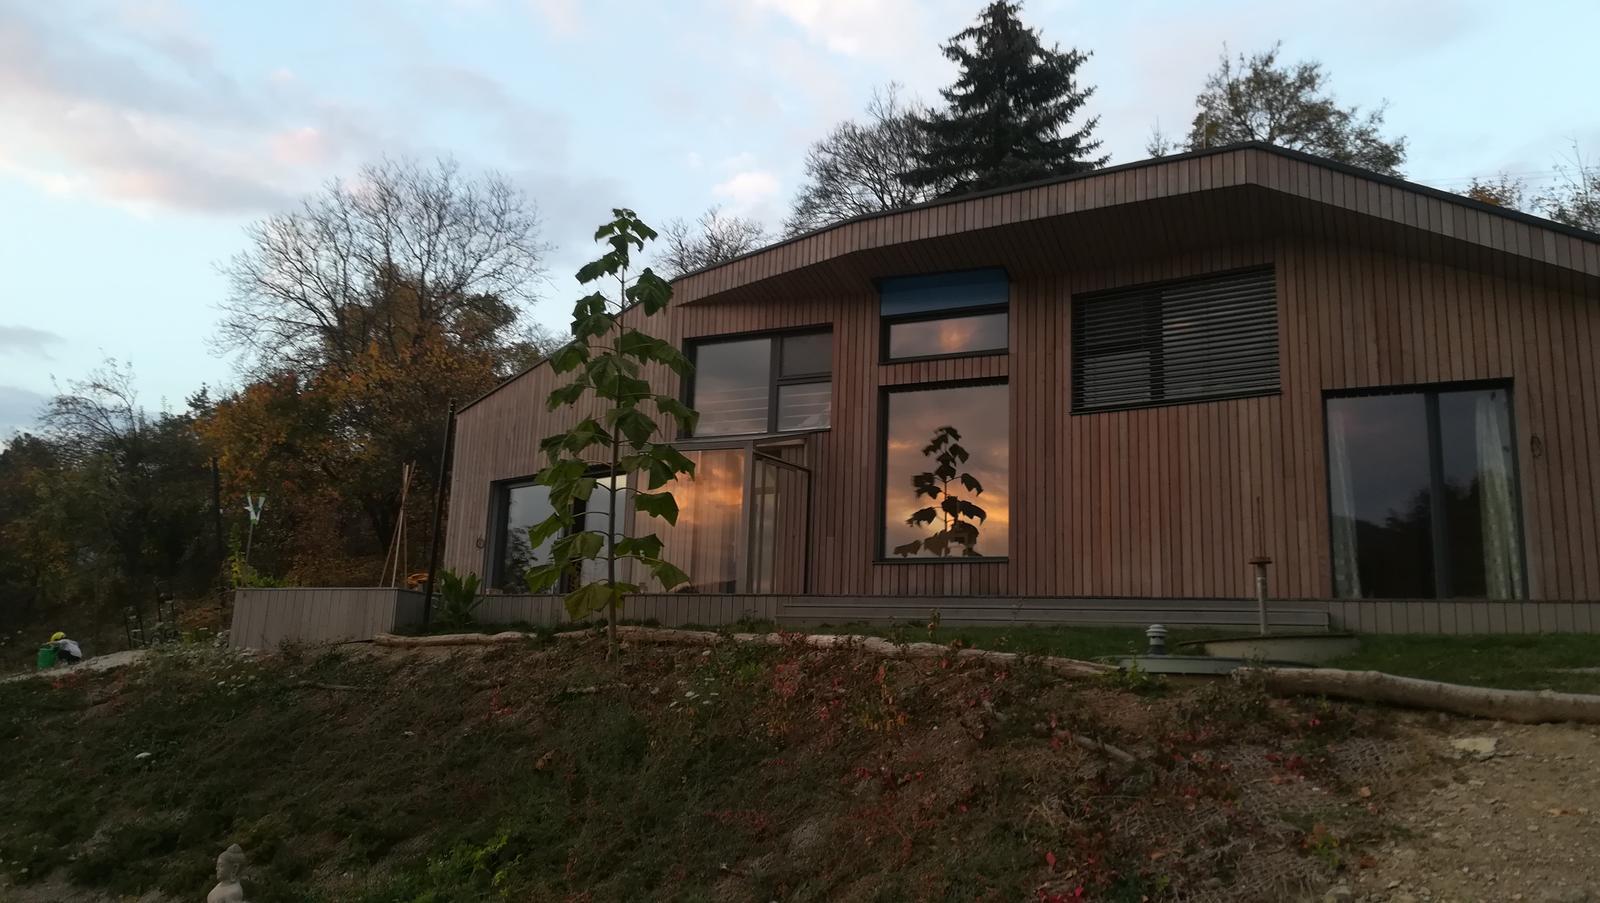 Prispeli sme našou prácou k domčeku v prírode. - Obrázok č. 3